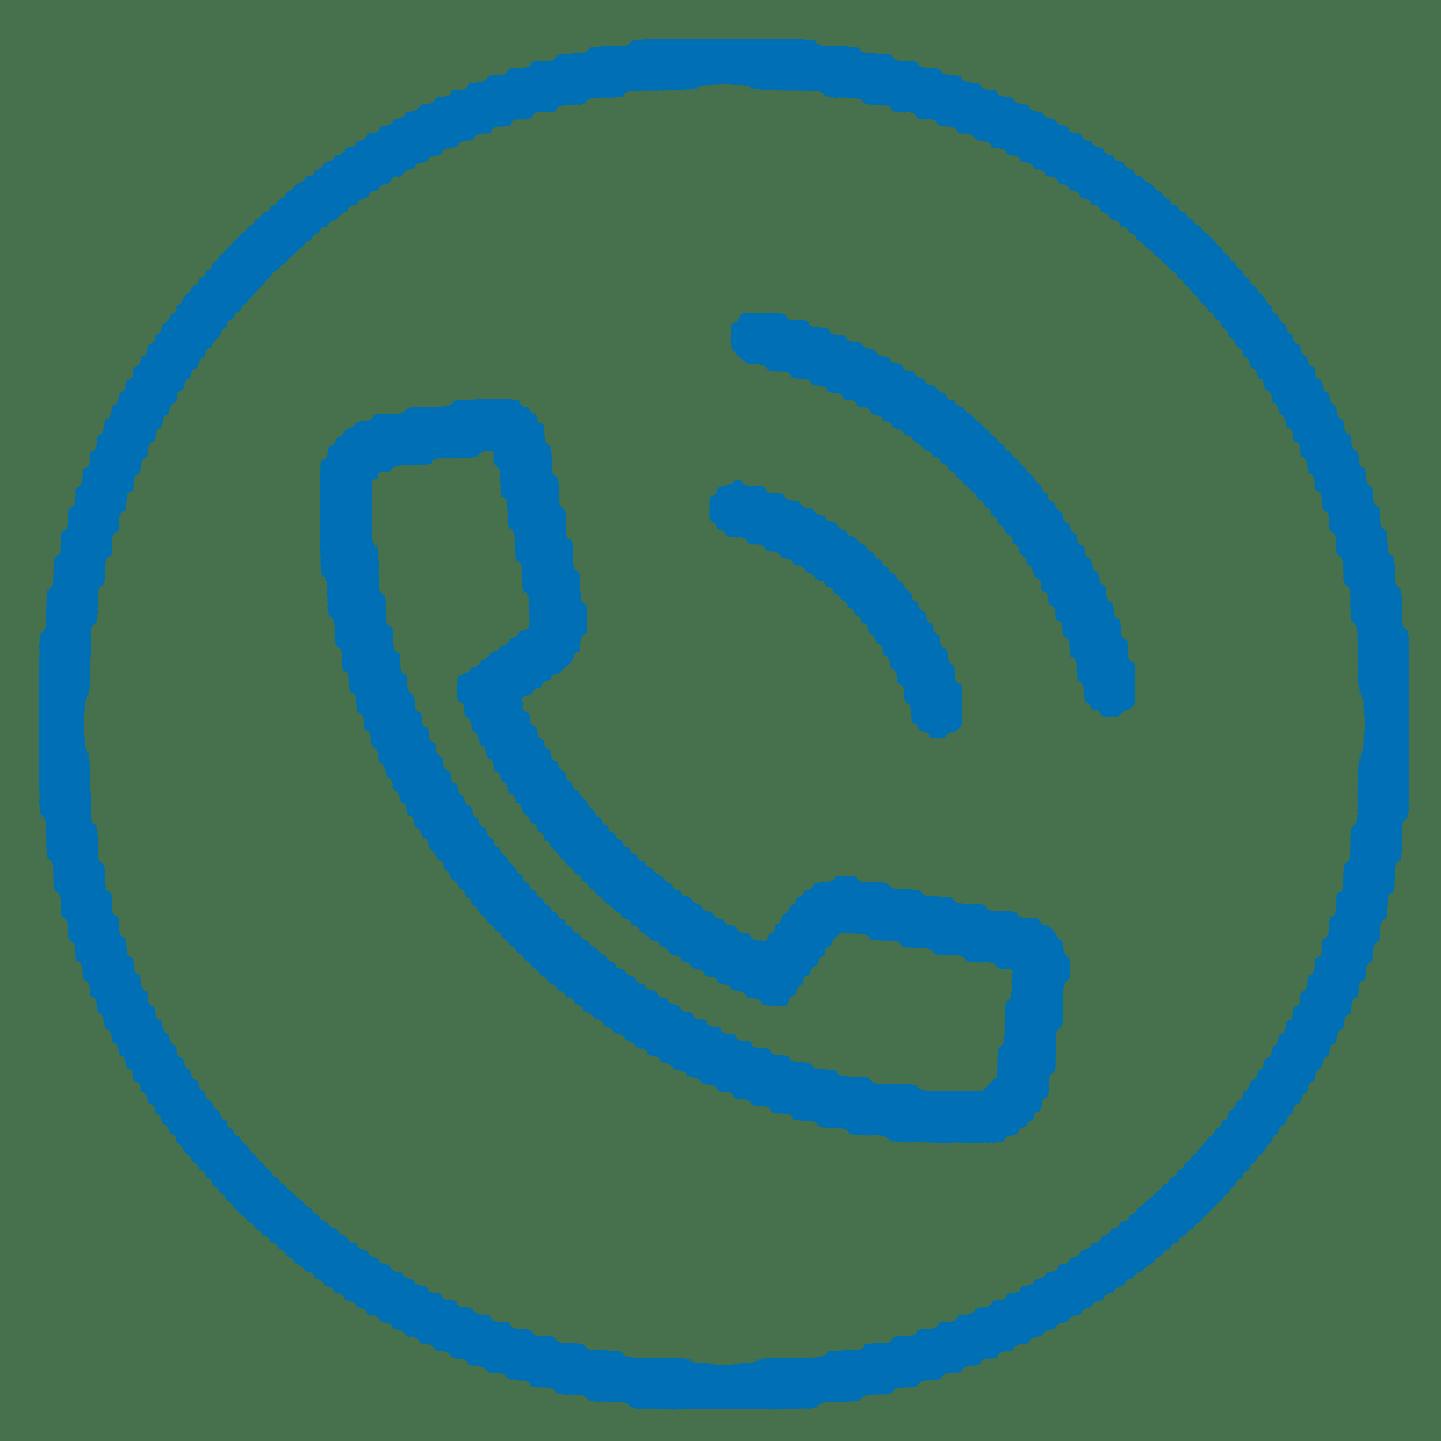 Telefonanlage für IP-basierte Anschlüsse